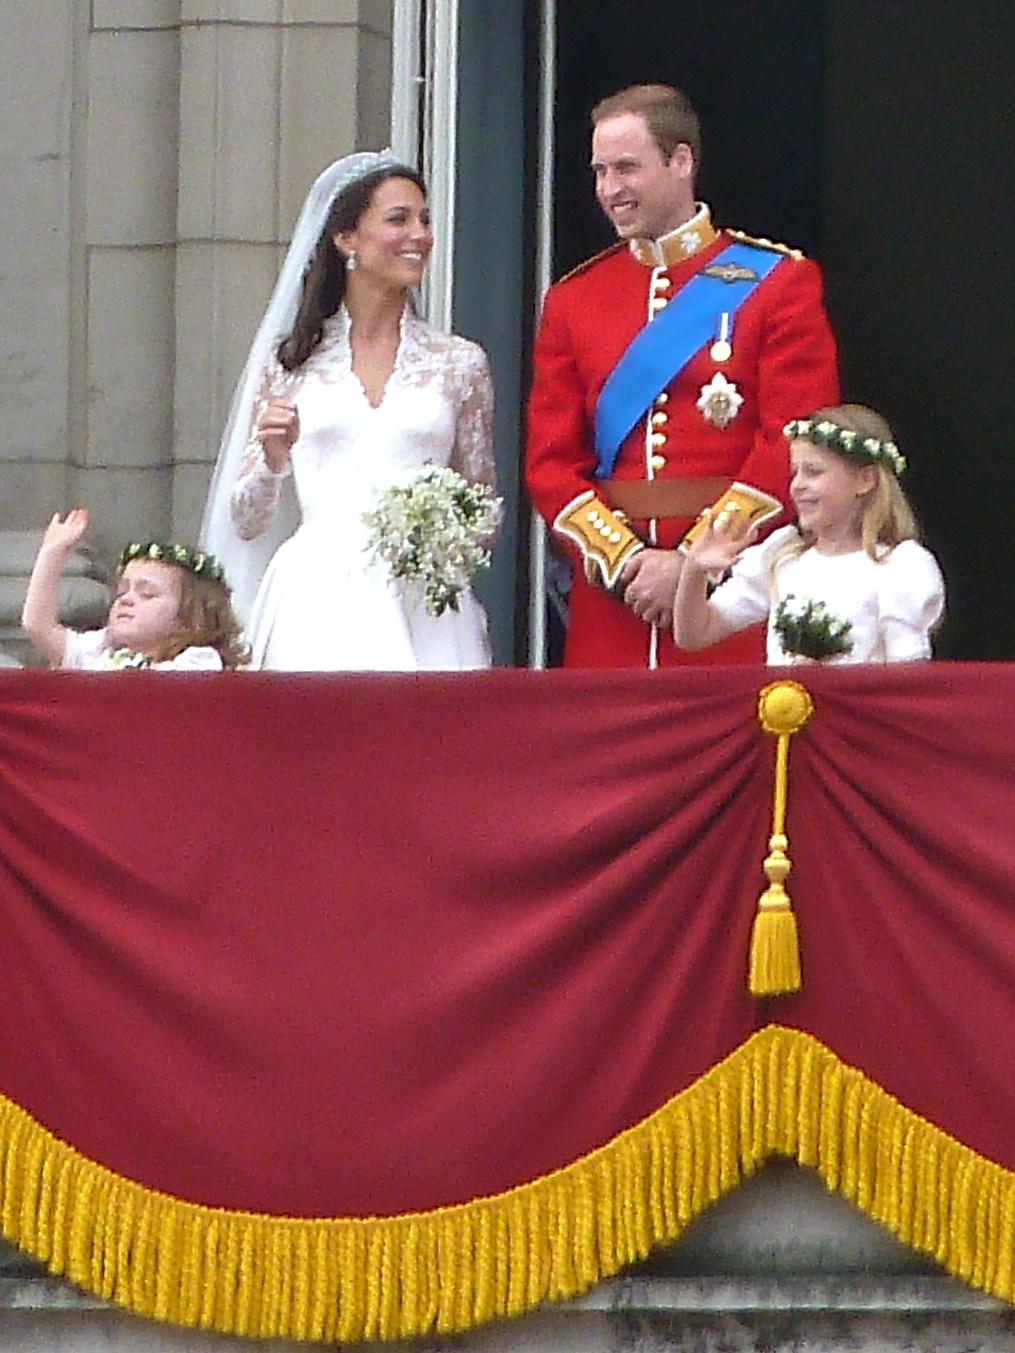 Boda real entre Guillermo de Cambridge y Catherine Middleton  Wikipedia la enciclopedia libre